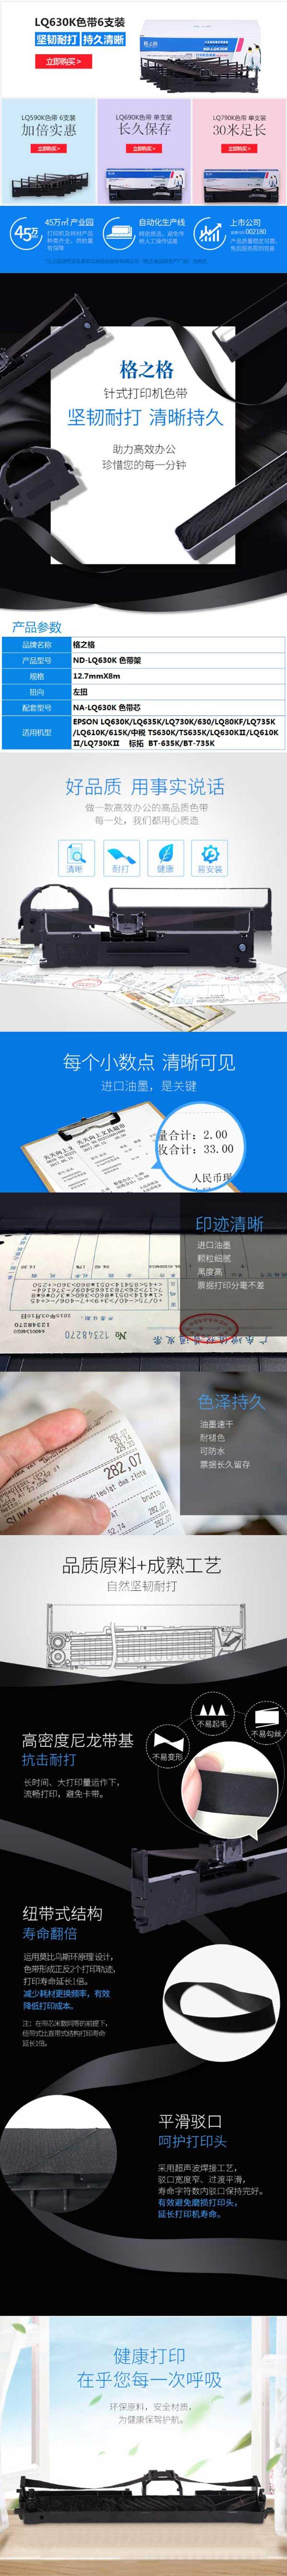 格之格 LQ630K 打印机色带架 适用LQ635K LQ735K LQ80KF LQ610K LQ615 LQ630